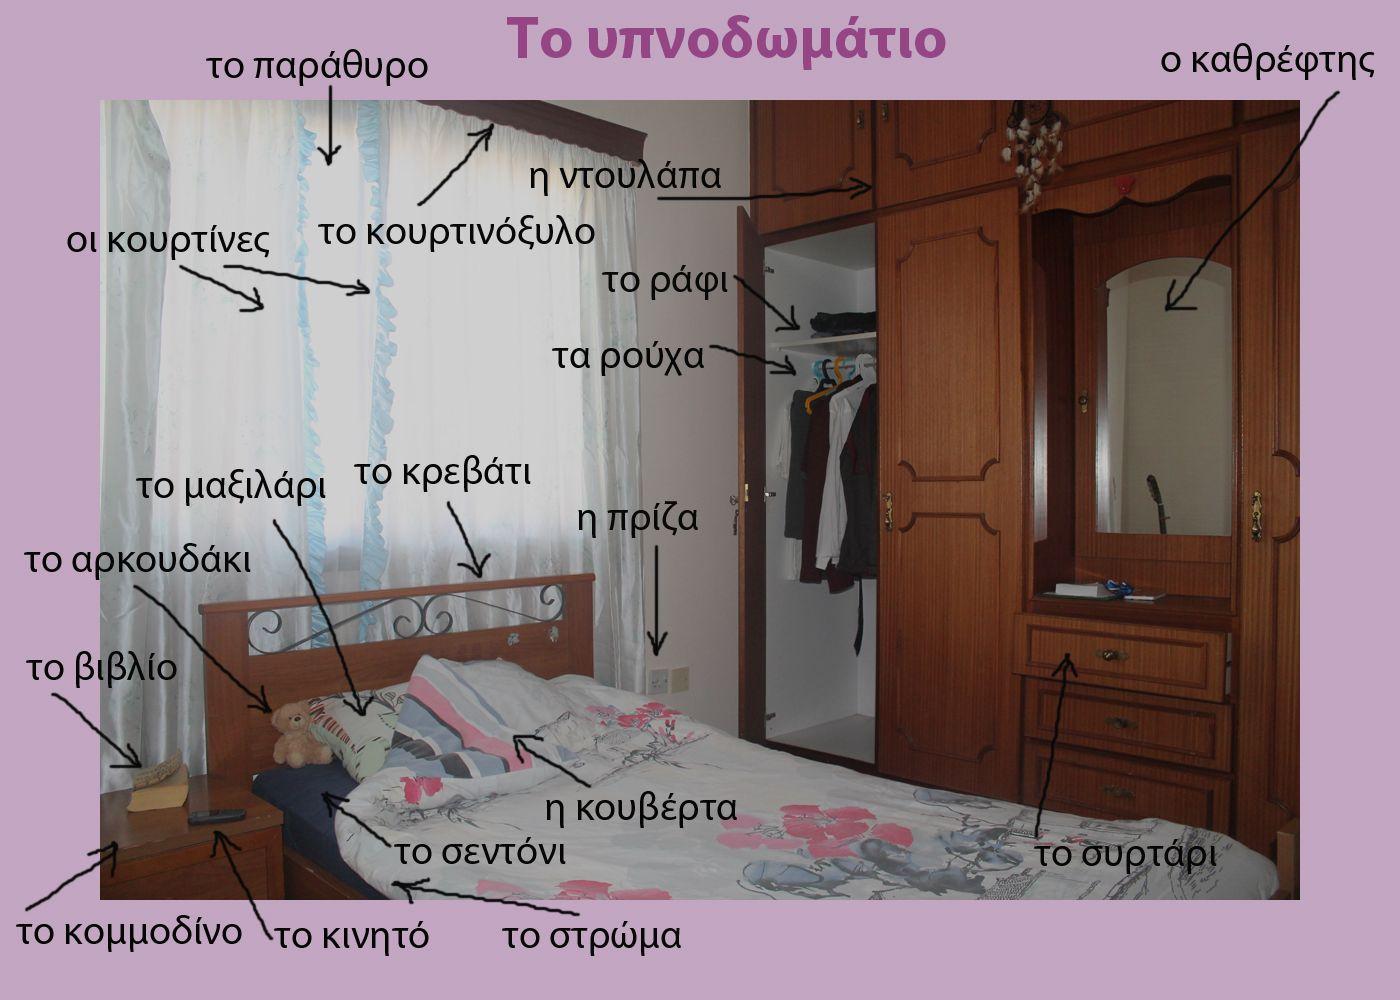 Русско-греческий словарь - Спальня